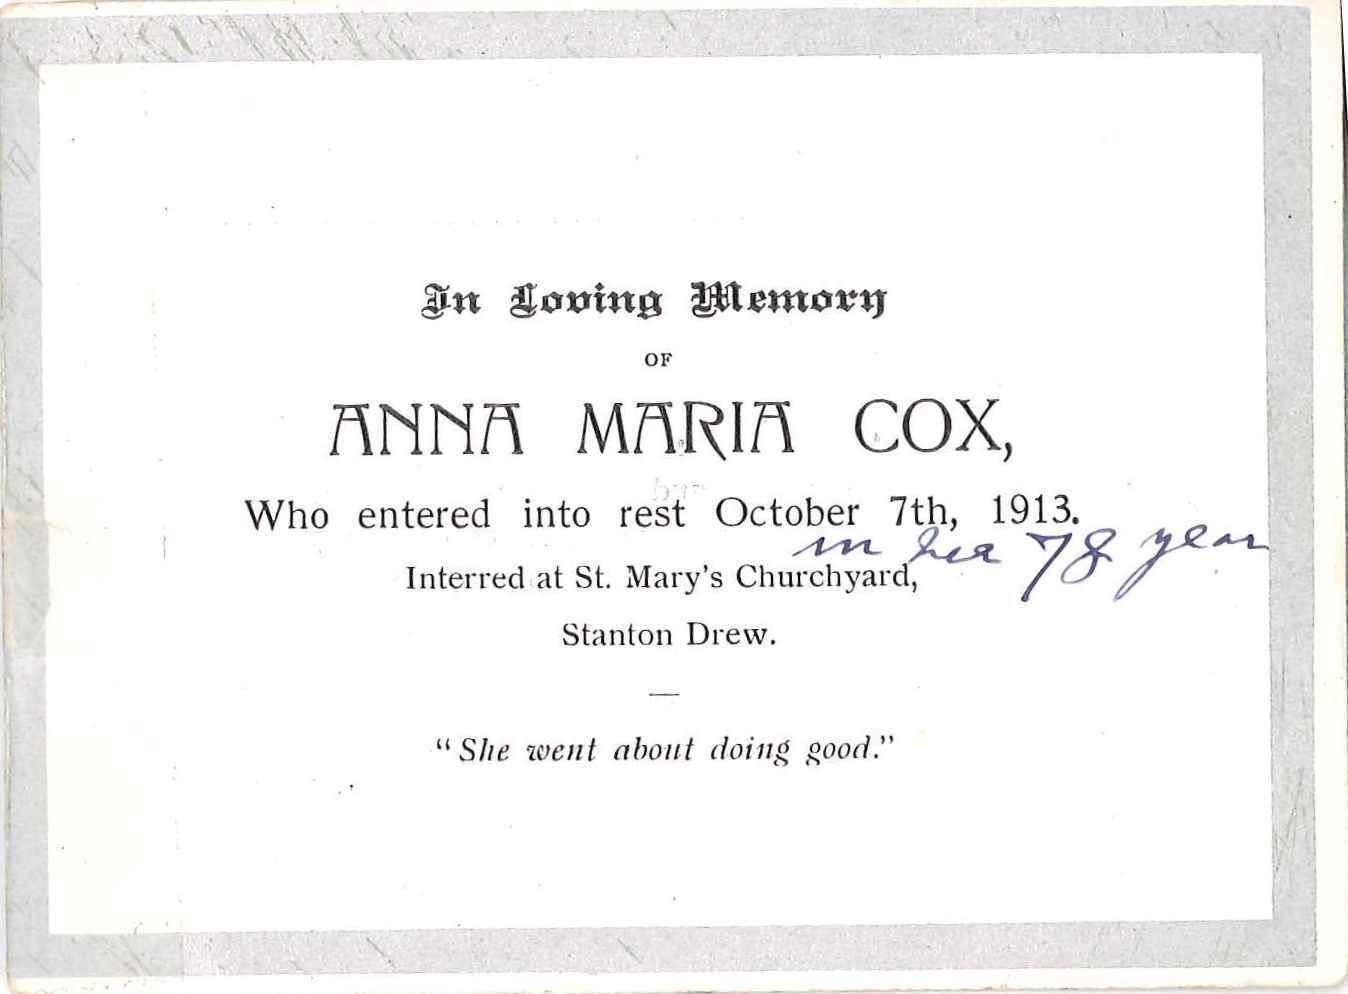 Anna Maria Cox's Memorial Card